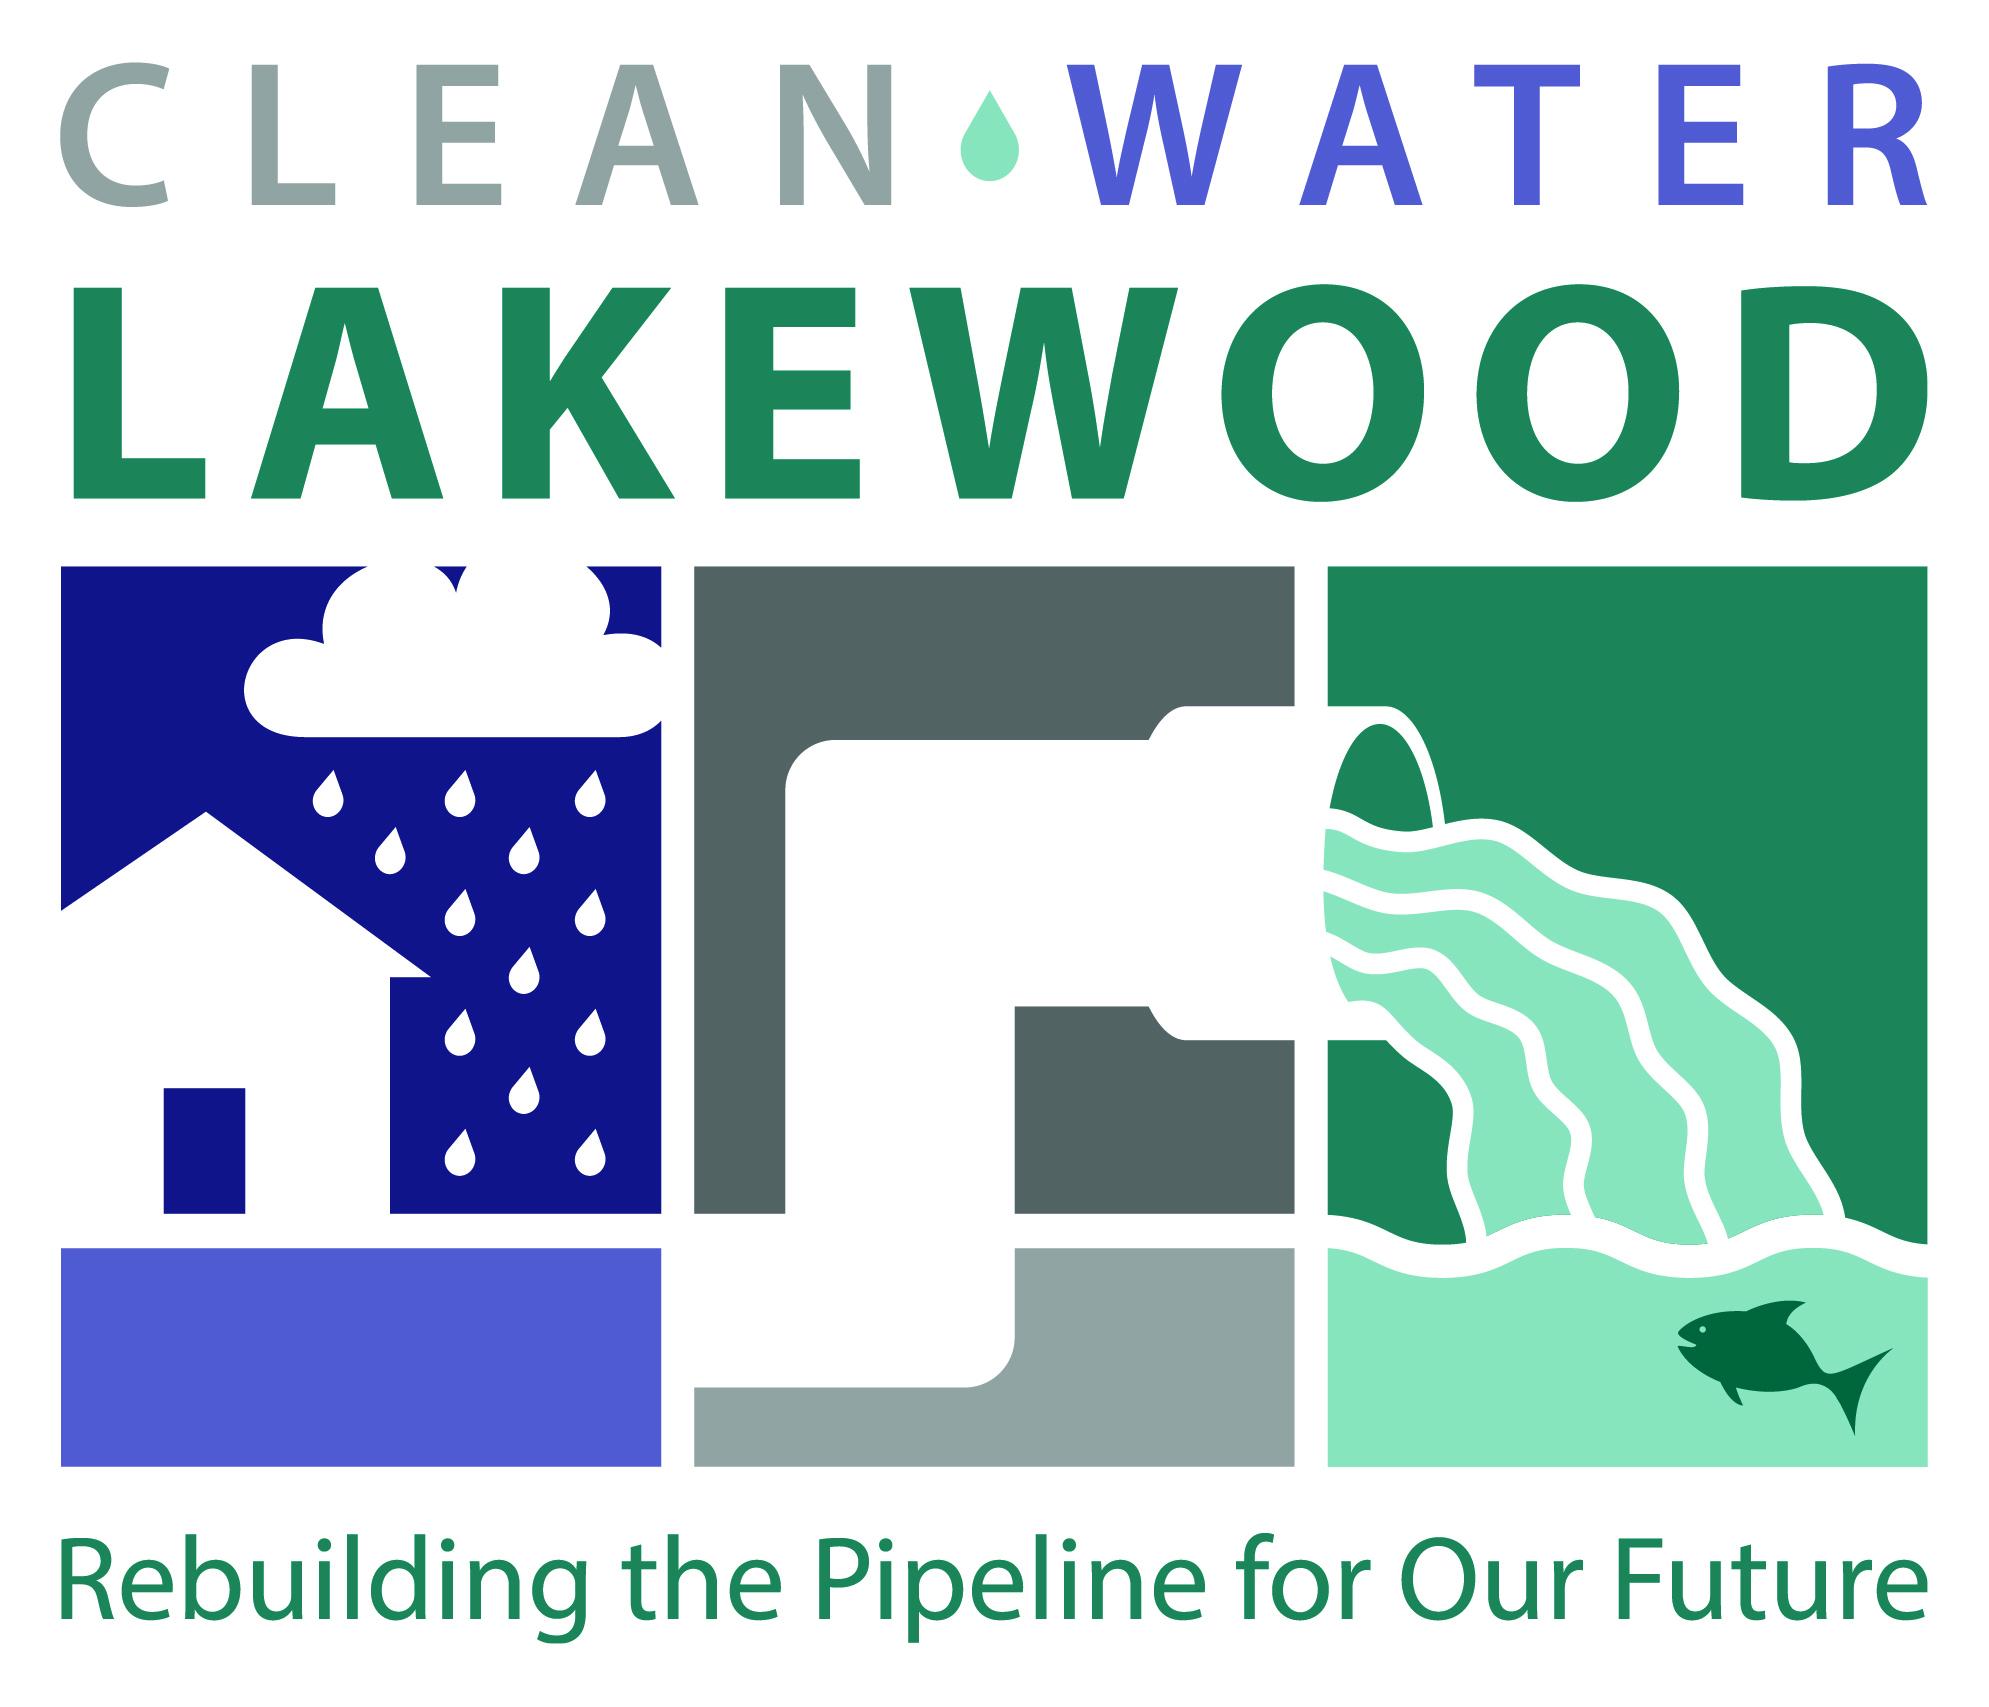 Clean-Water-Lakewood_FINAL_300dpi_CMYK1